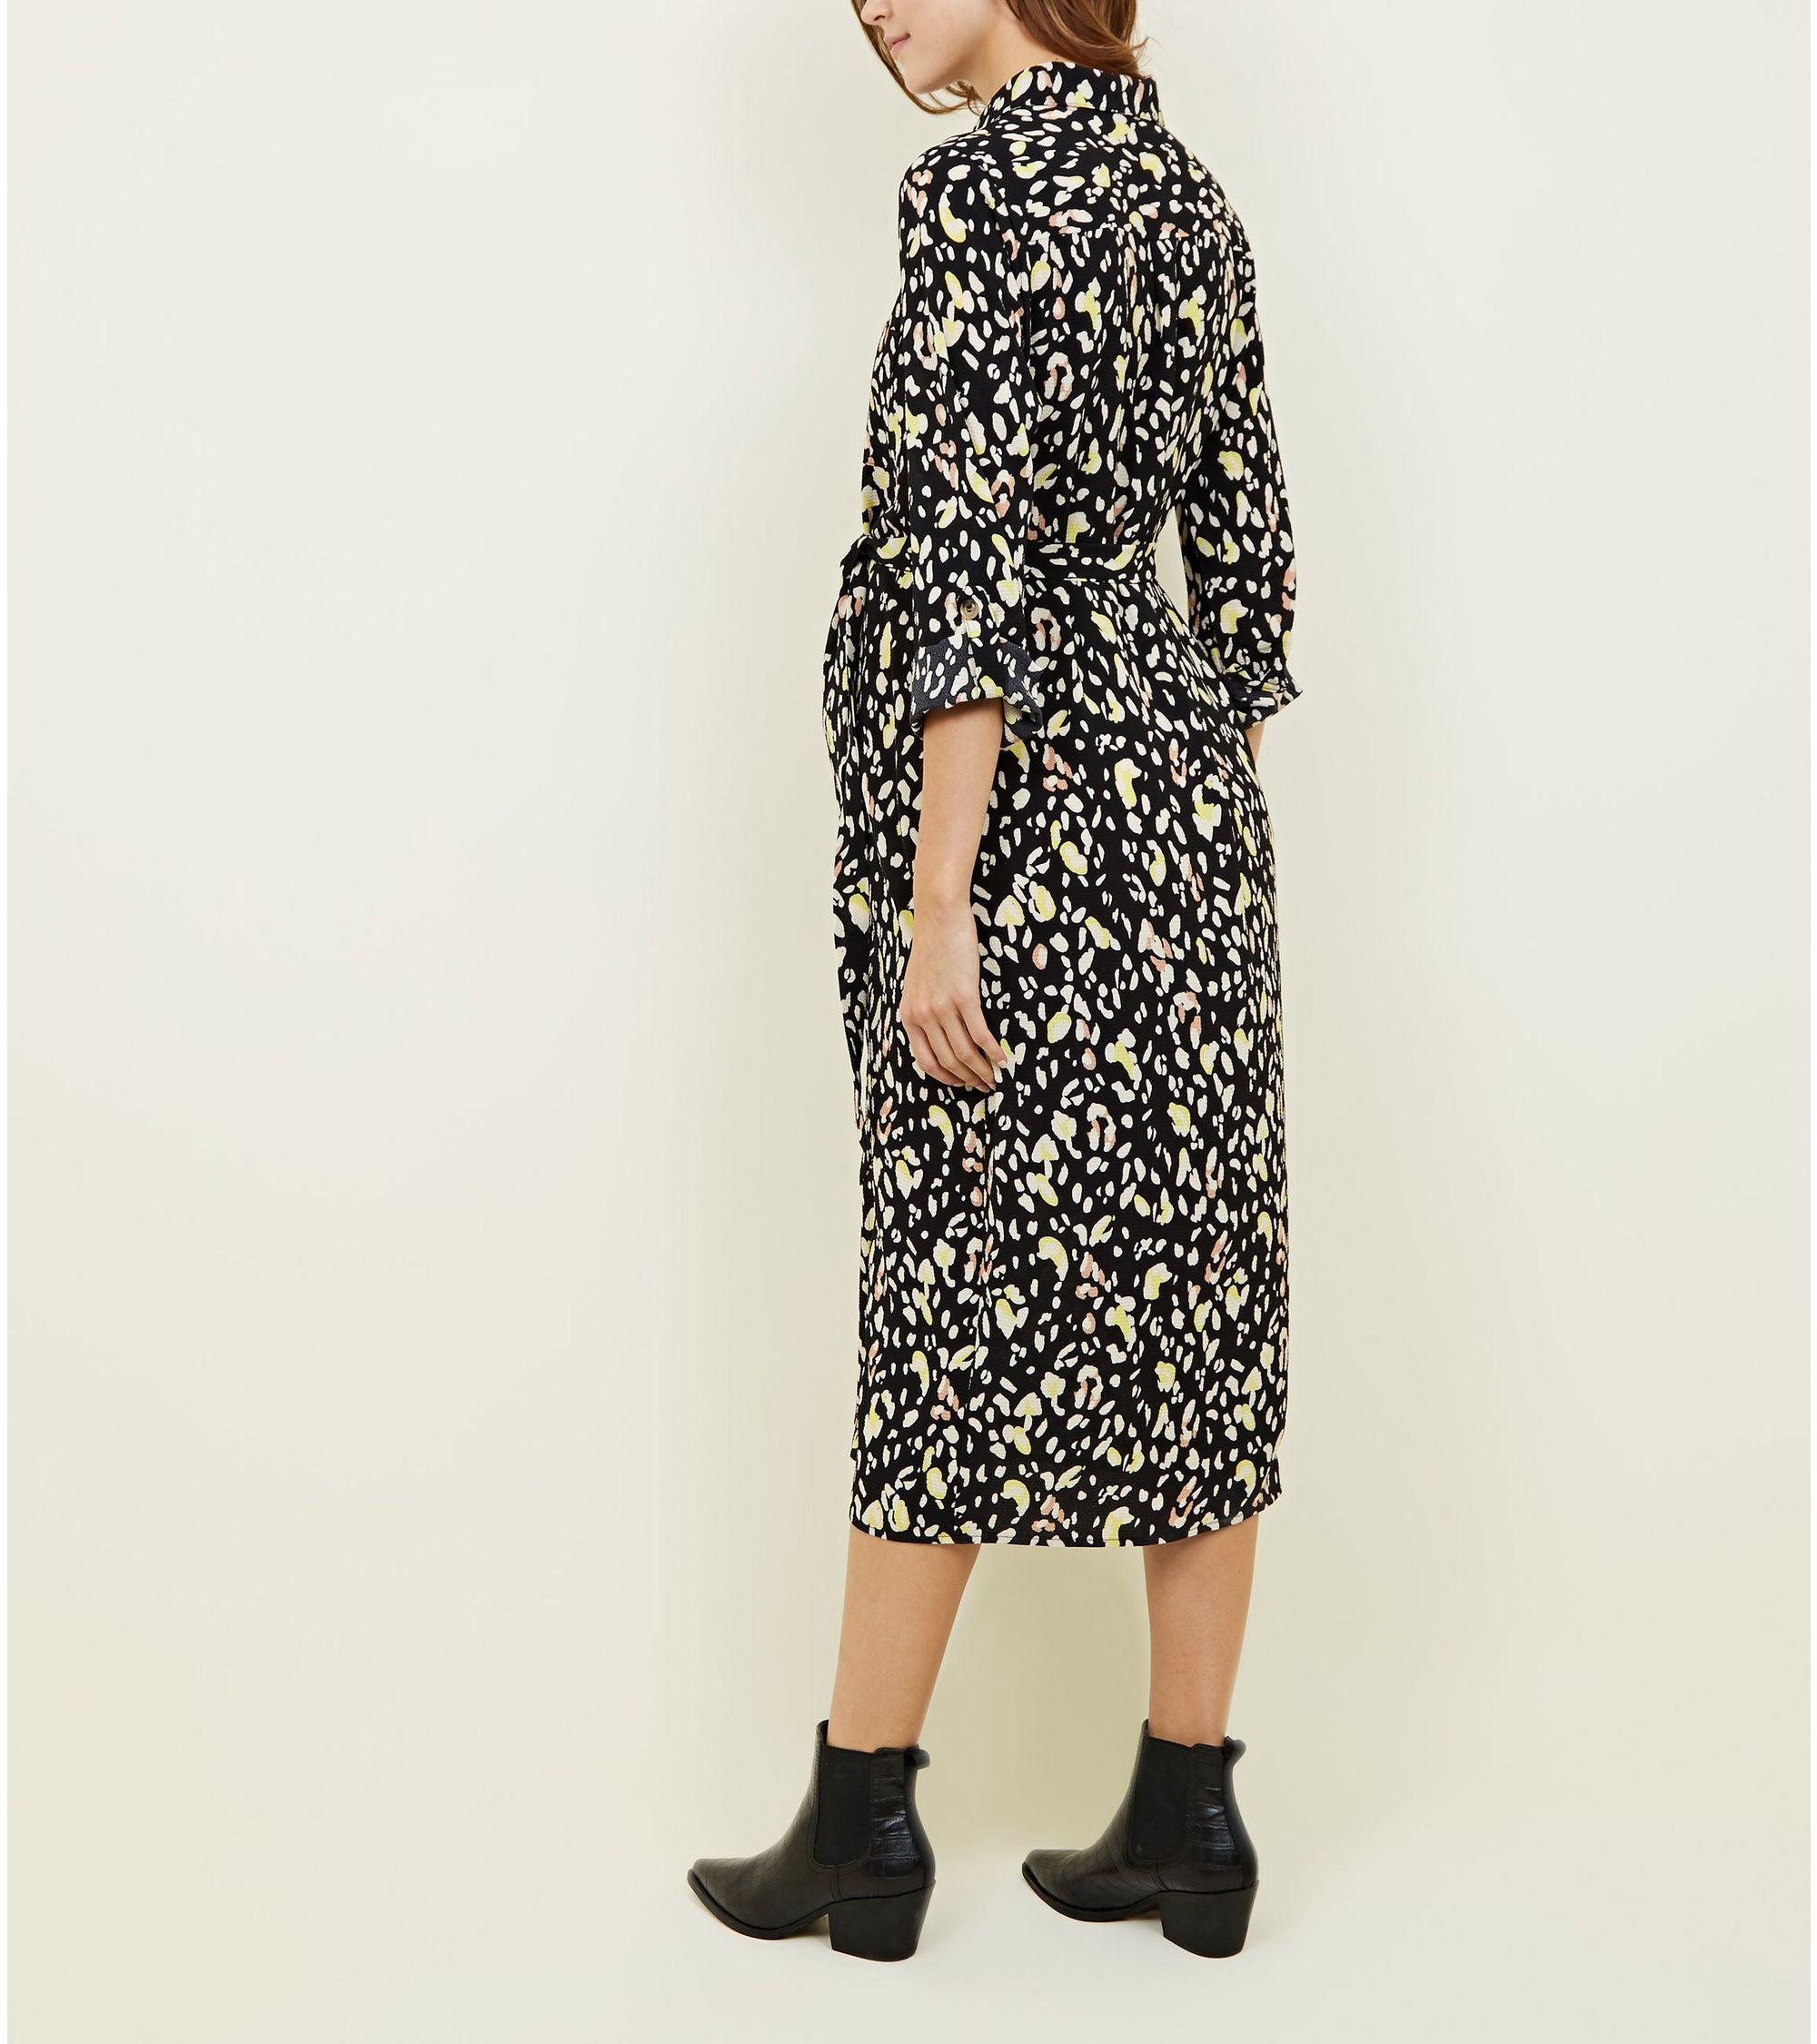 f11150a41e1f New Look Maternity Black Leopard Print Shirt Dress at £24.99   love ...